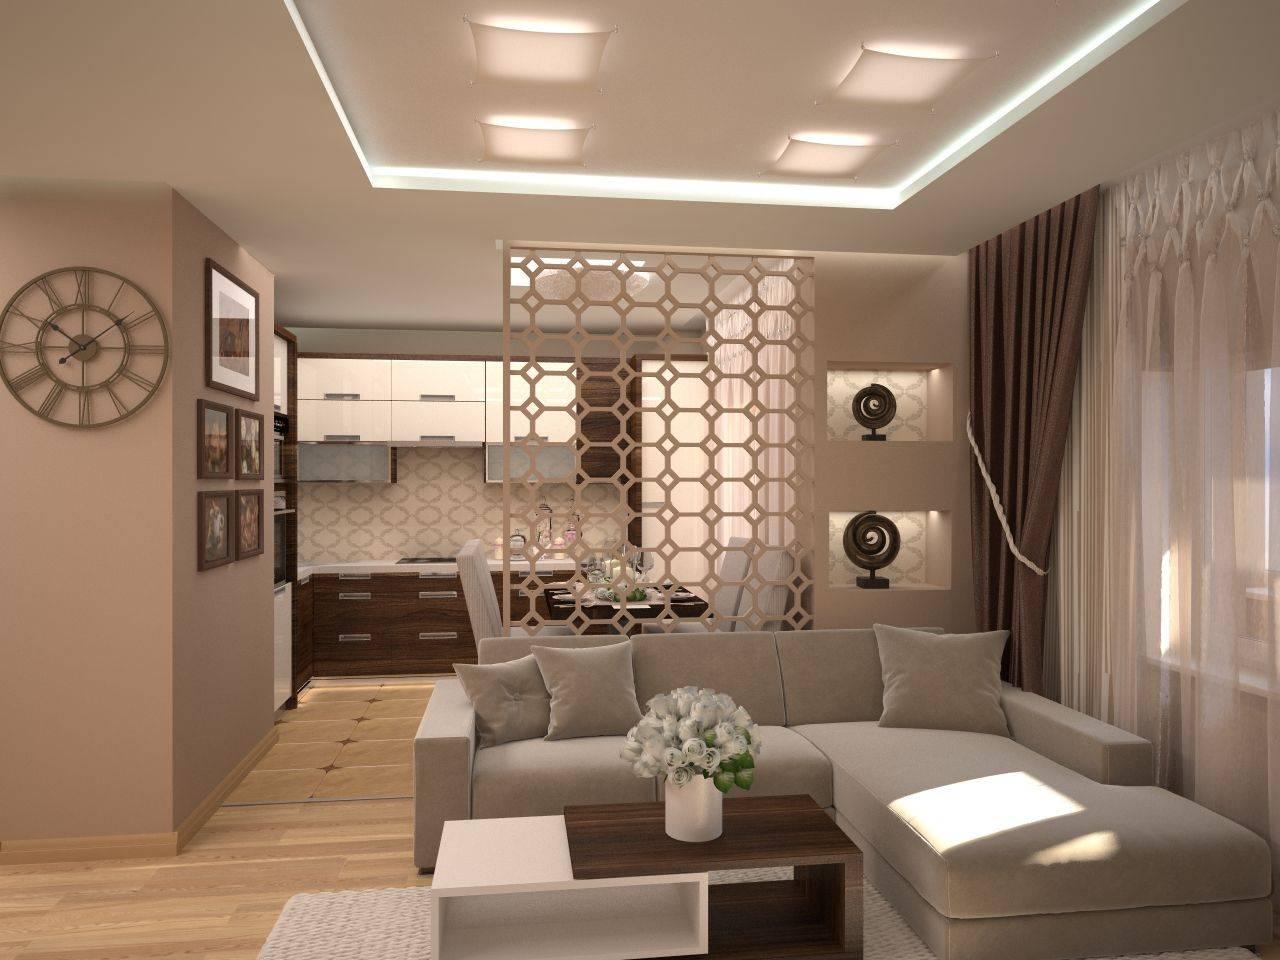 Дизайн кухни гостиной: маленькая кухня гостиная и большая, с барной стойкой и островом, фото